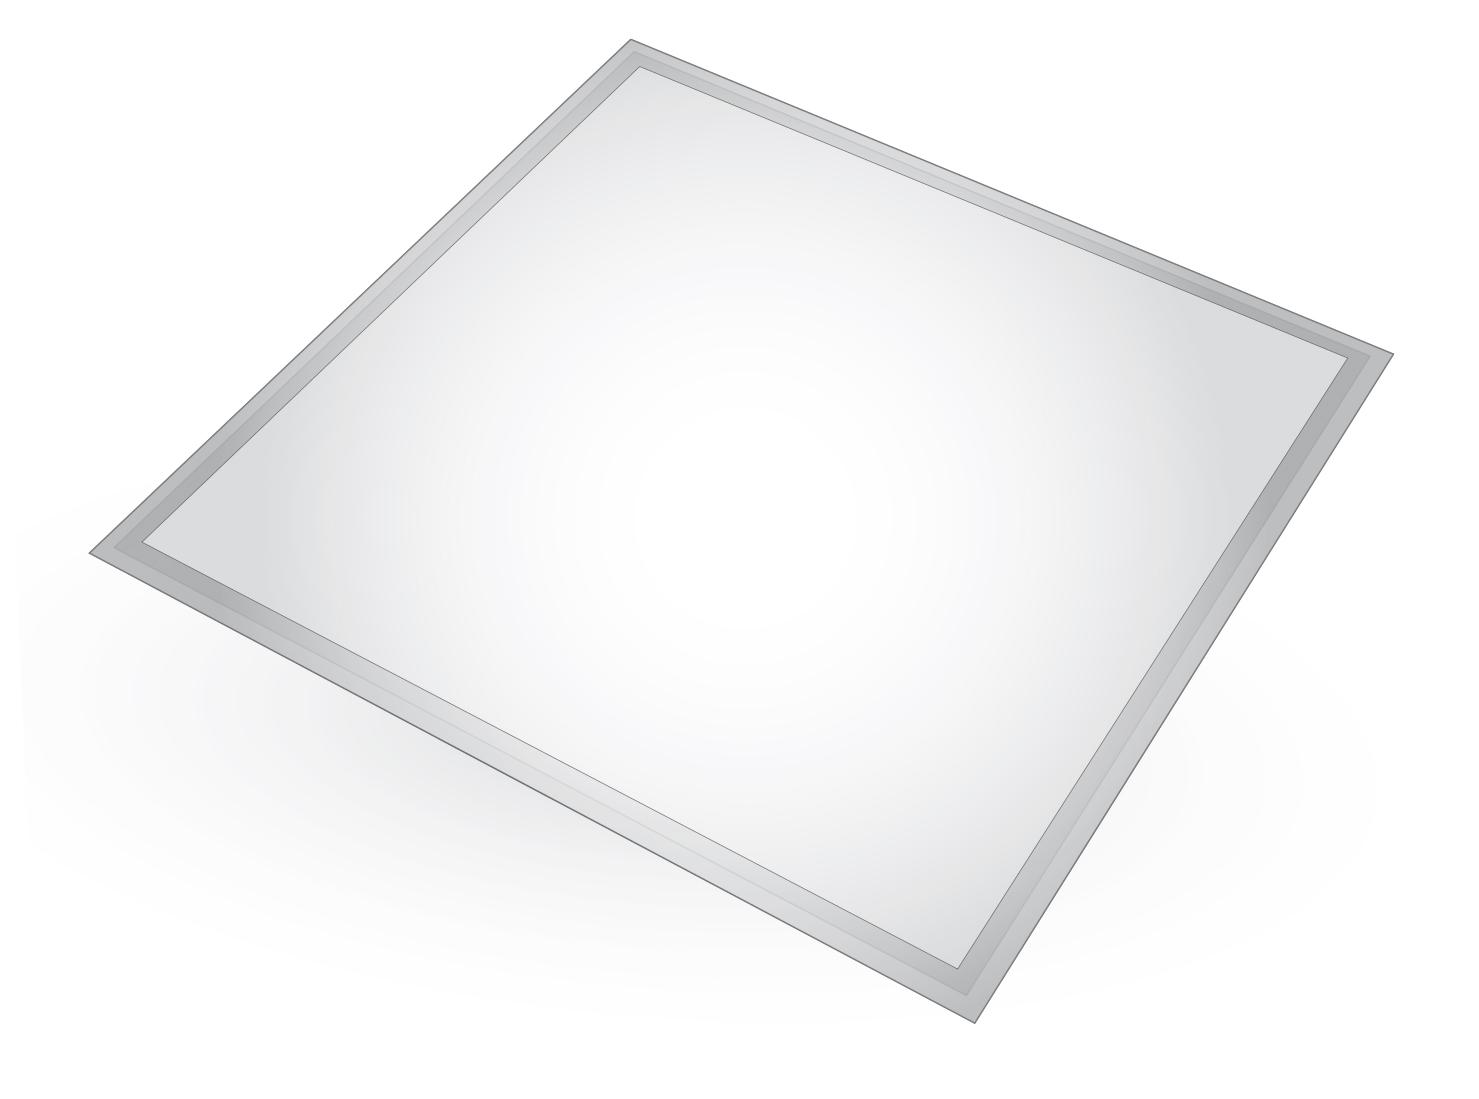 Панель светодиодная Ultraflash Ltl-6060-04